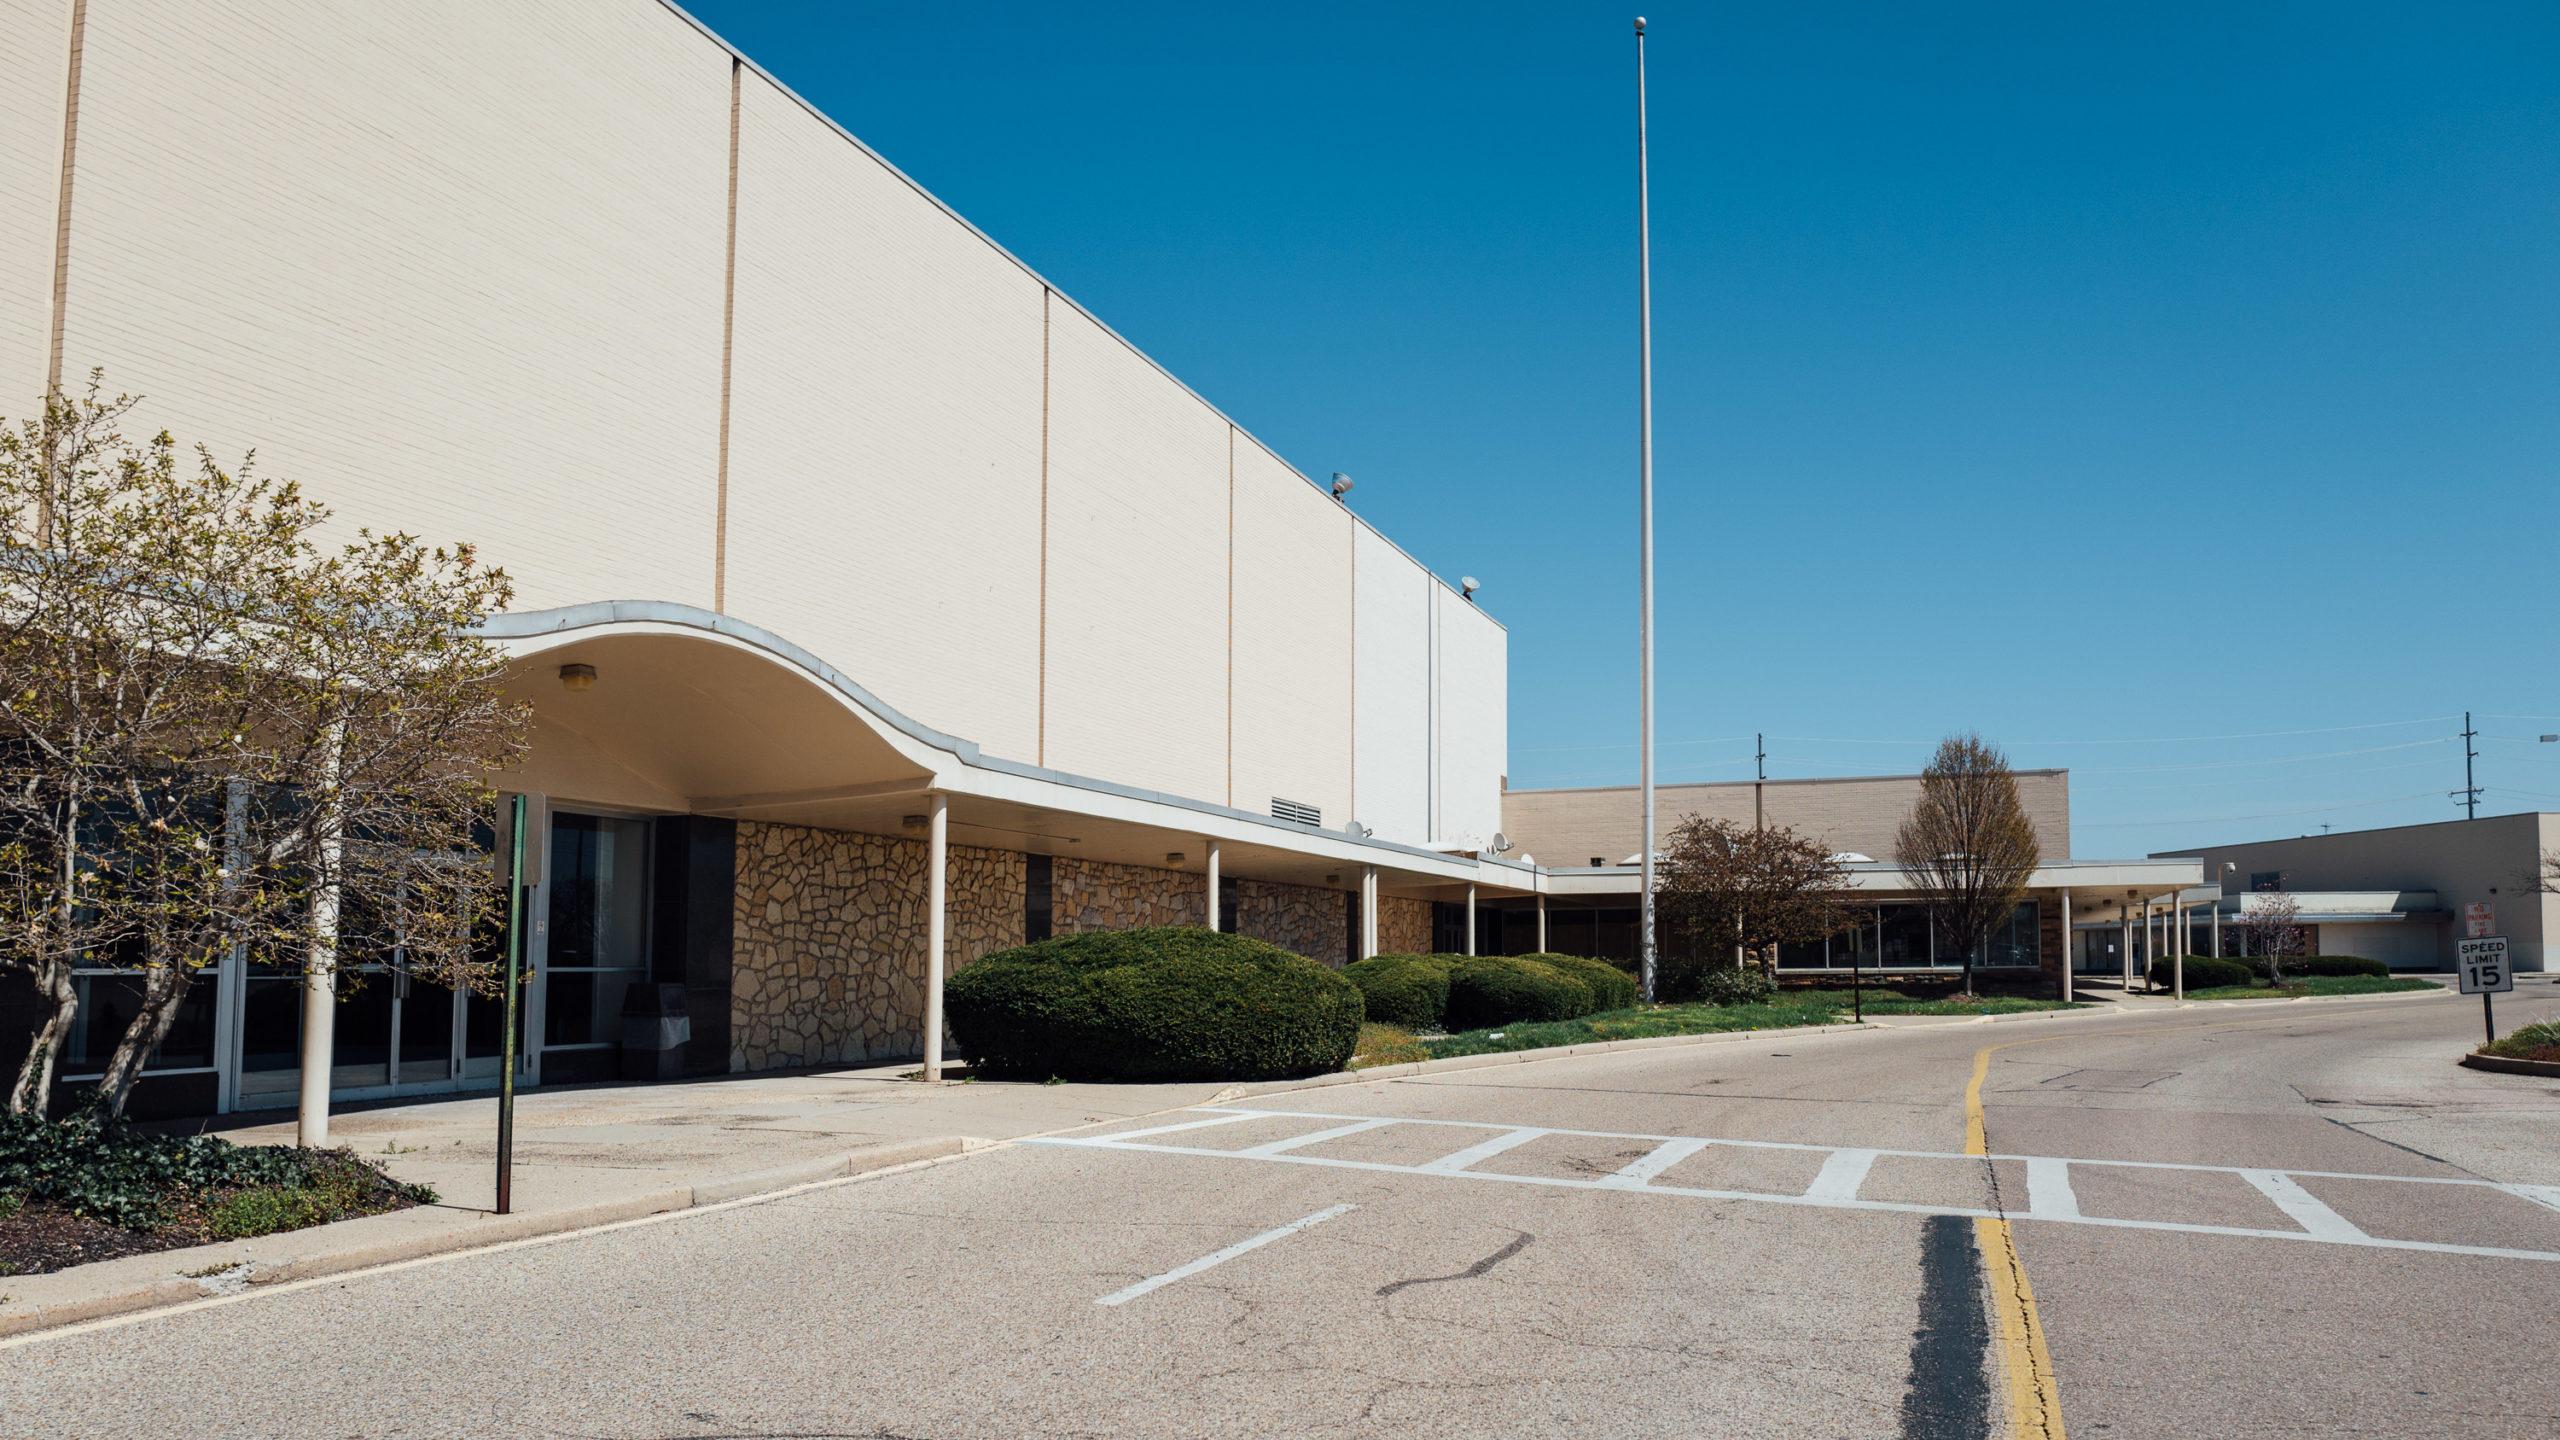 Empty Tri-County Ohio Sears building